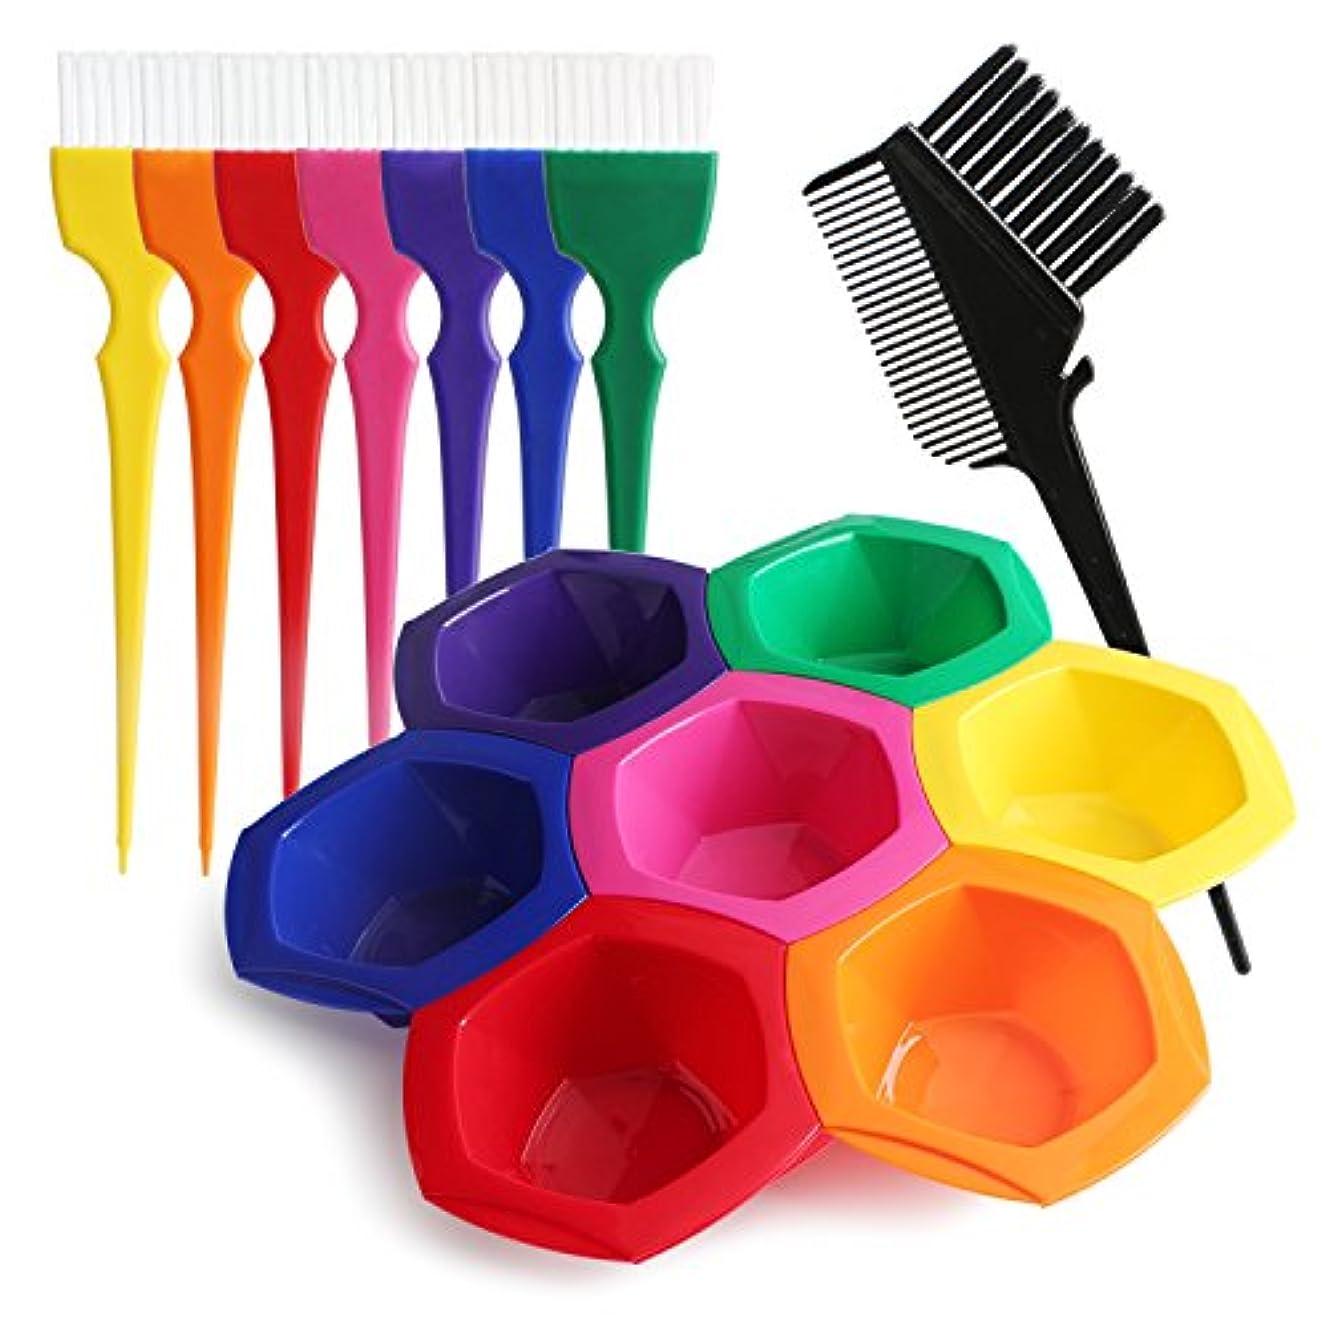 決定する証拠ロードハウスSegbeauty DIY/プロの髪染めのセット ヘアカラー用工具 彩色なボウルとブラシのセット 彩色な髪 美髪用